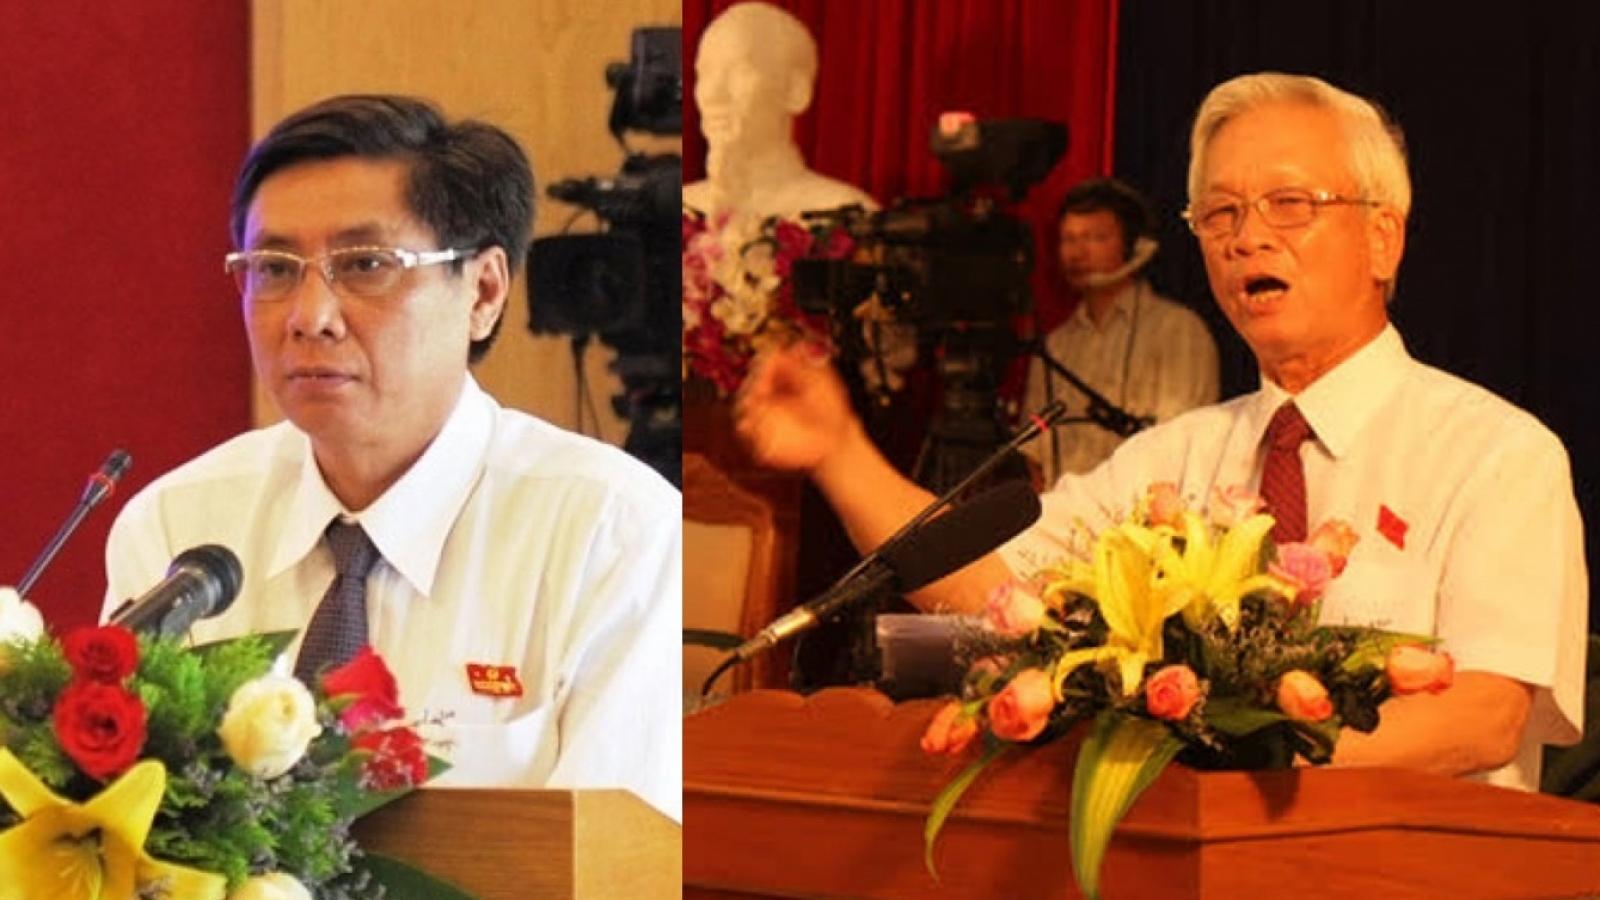 Nóng 24h: Hai cựu Chủ tịch Khánh Hòa bị khởi tố, bắt tạm giam